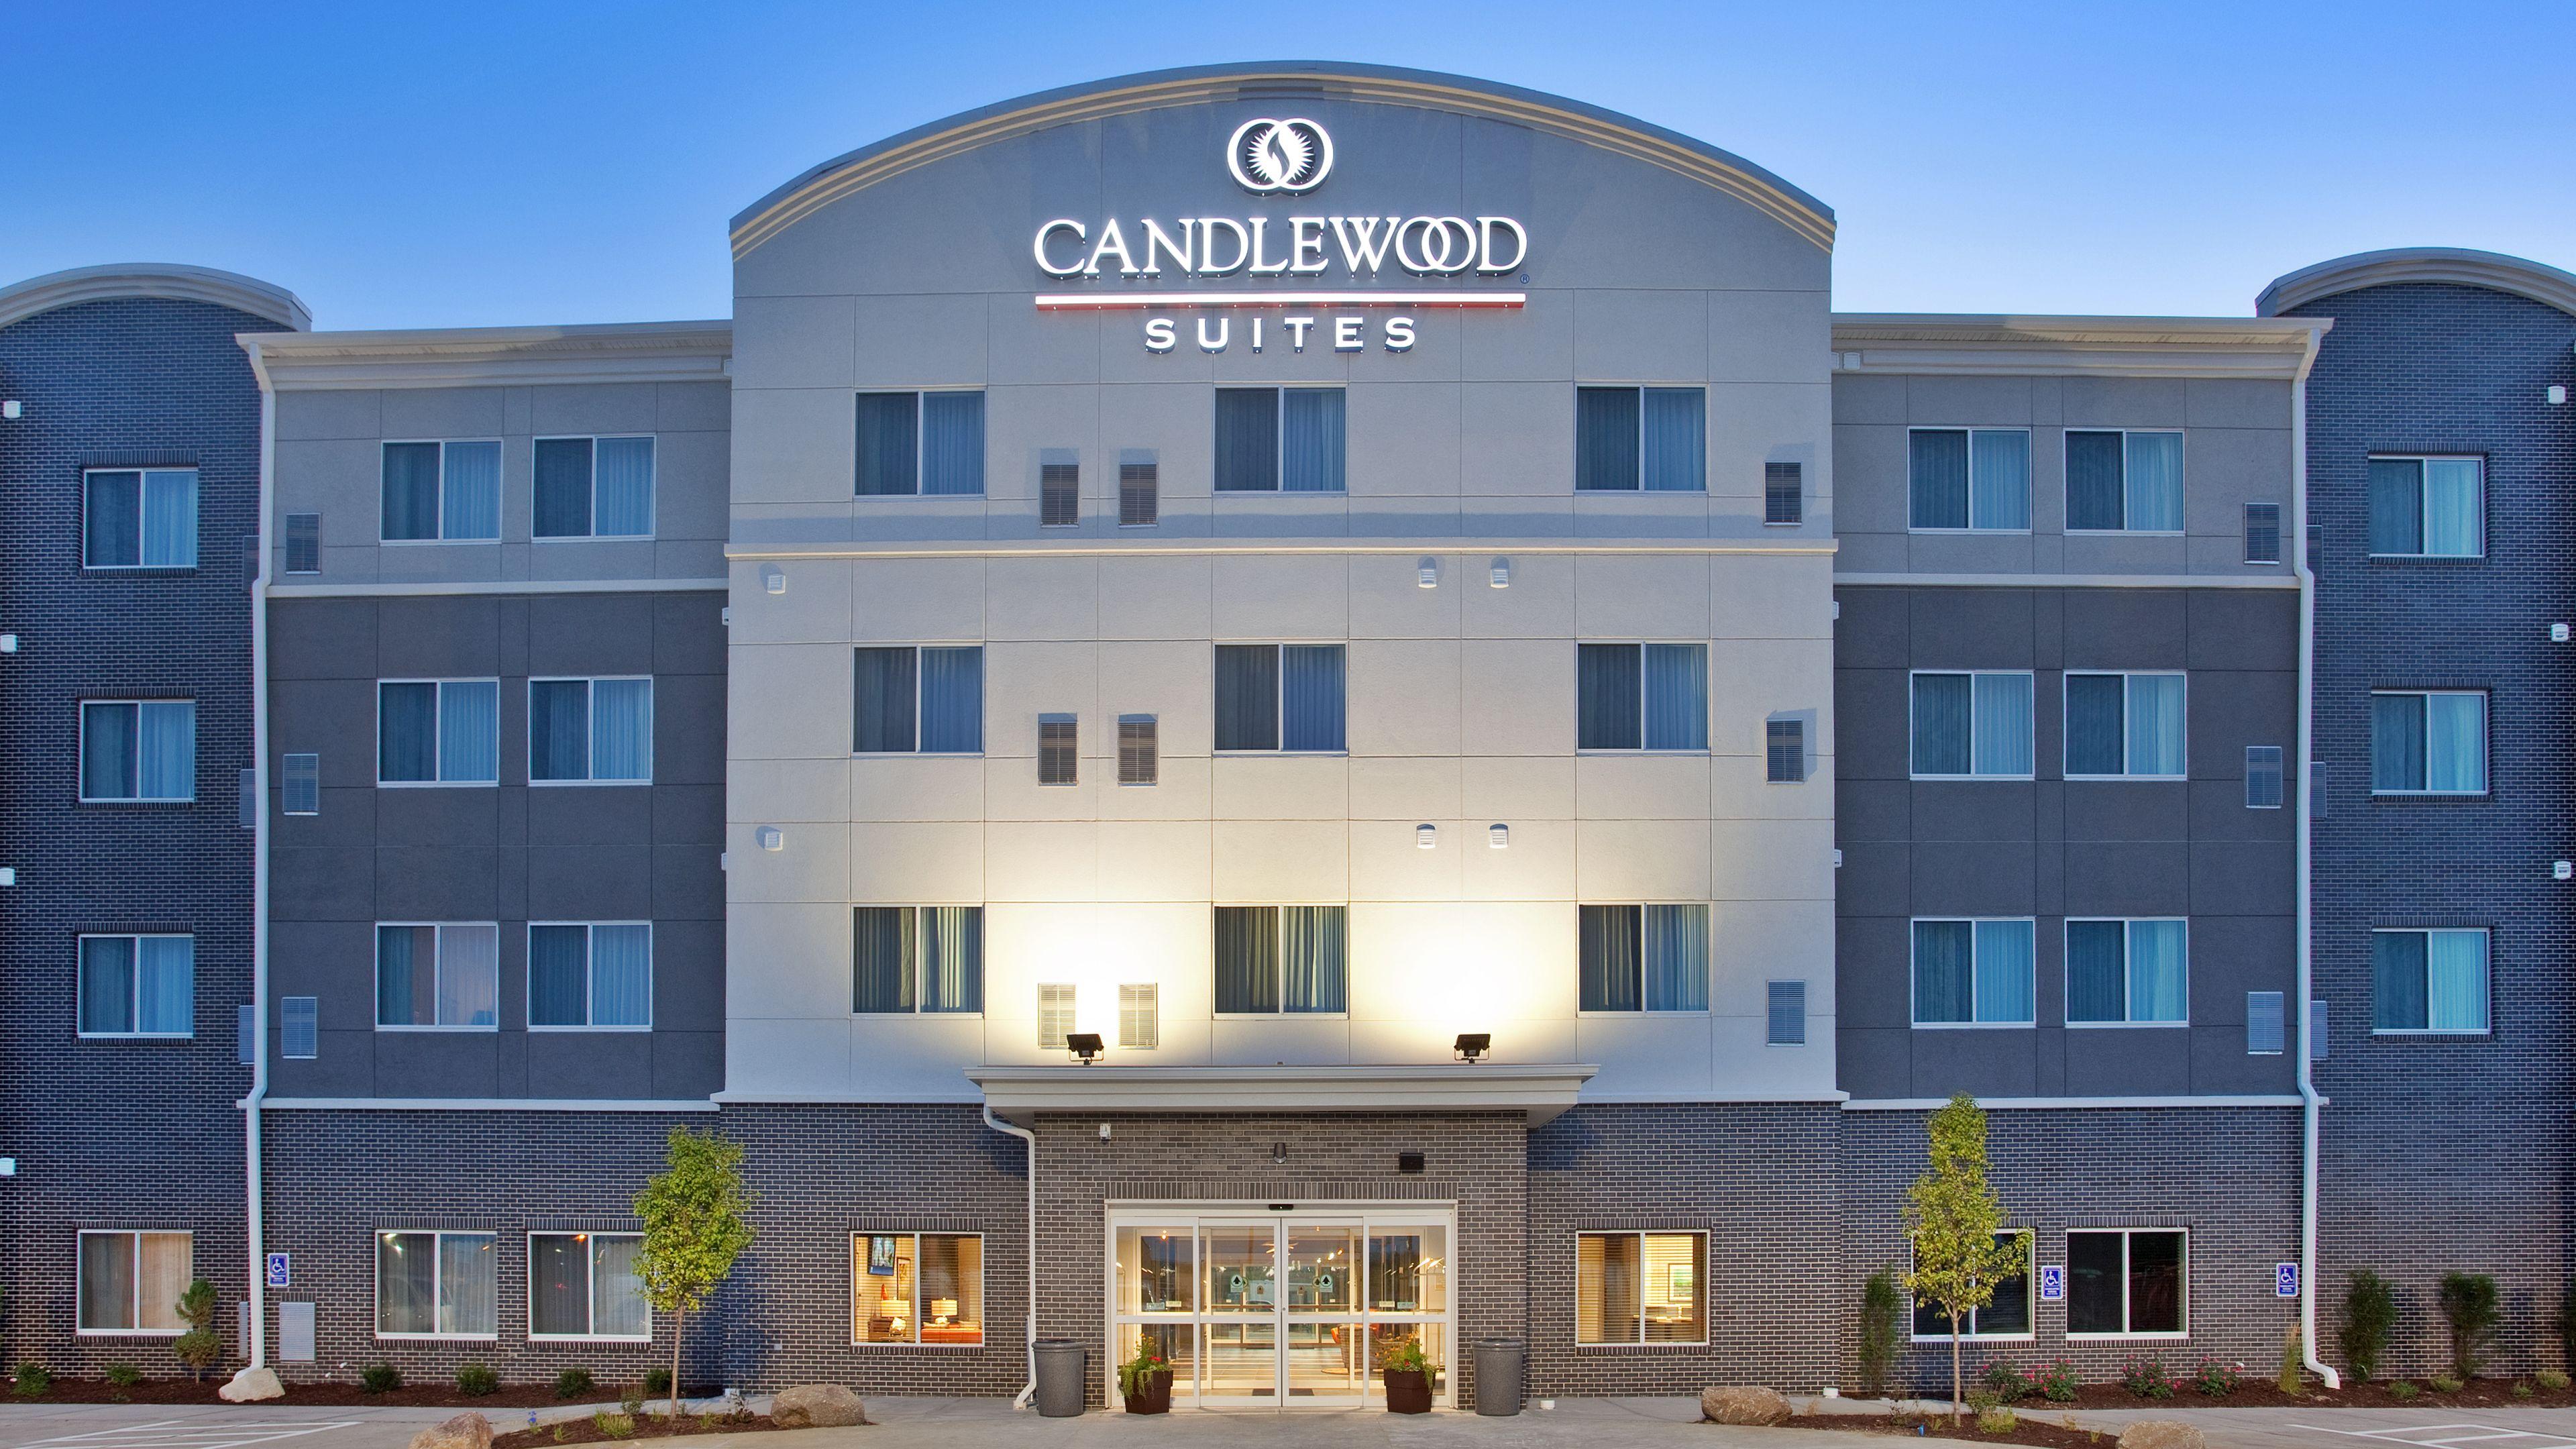 Candlewood Suites Kalamazoo image 5